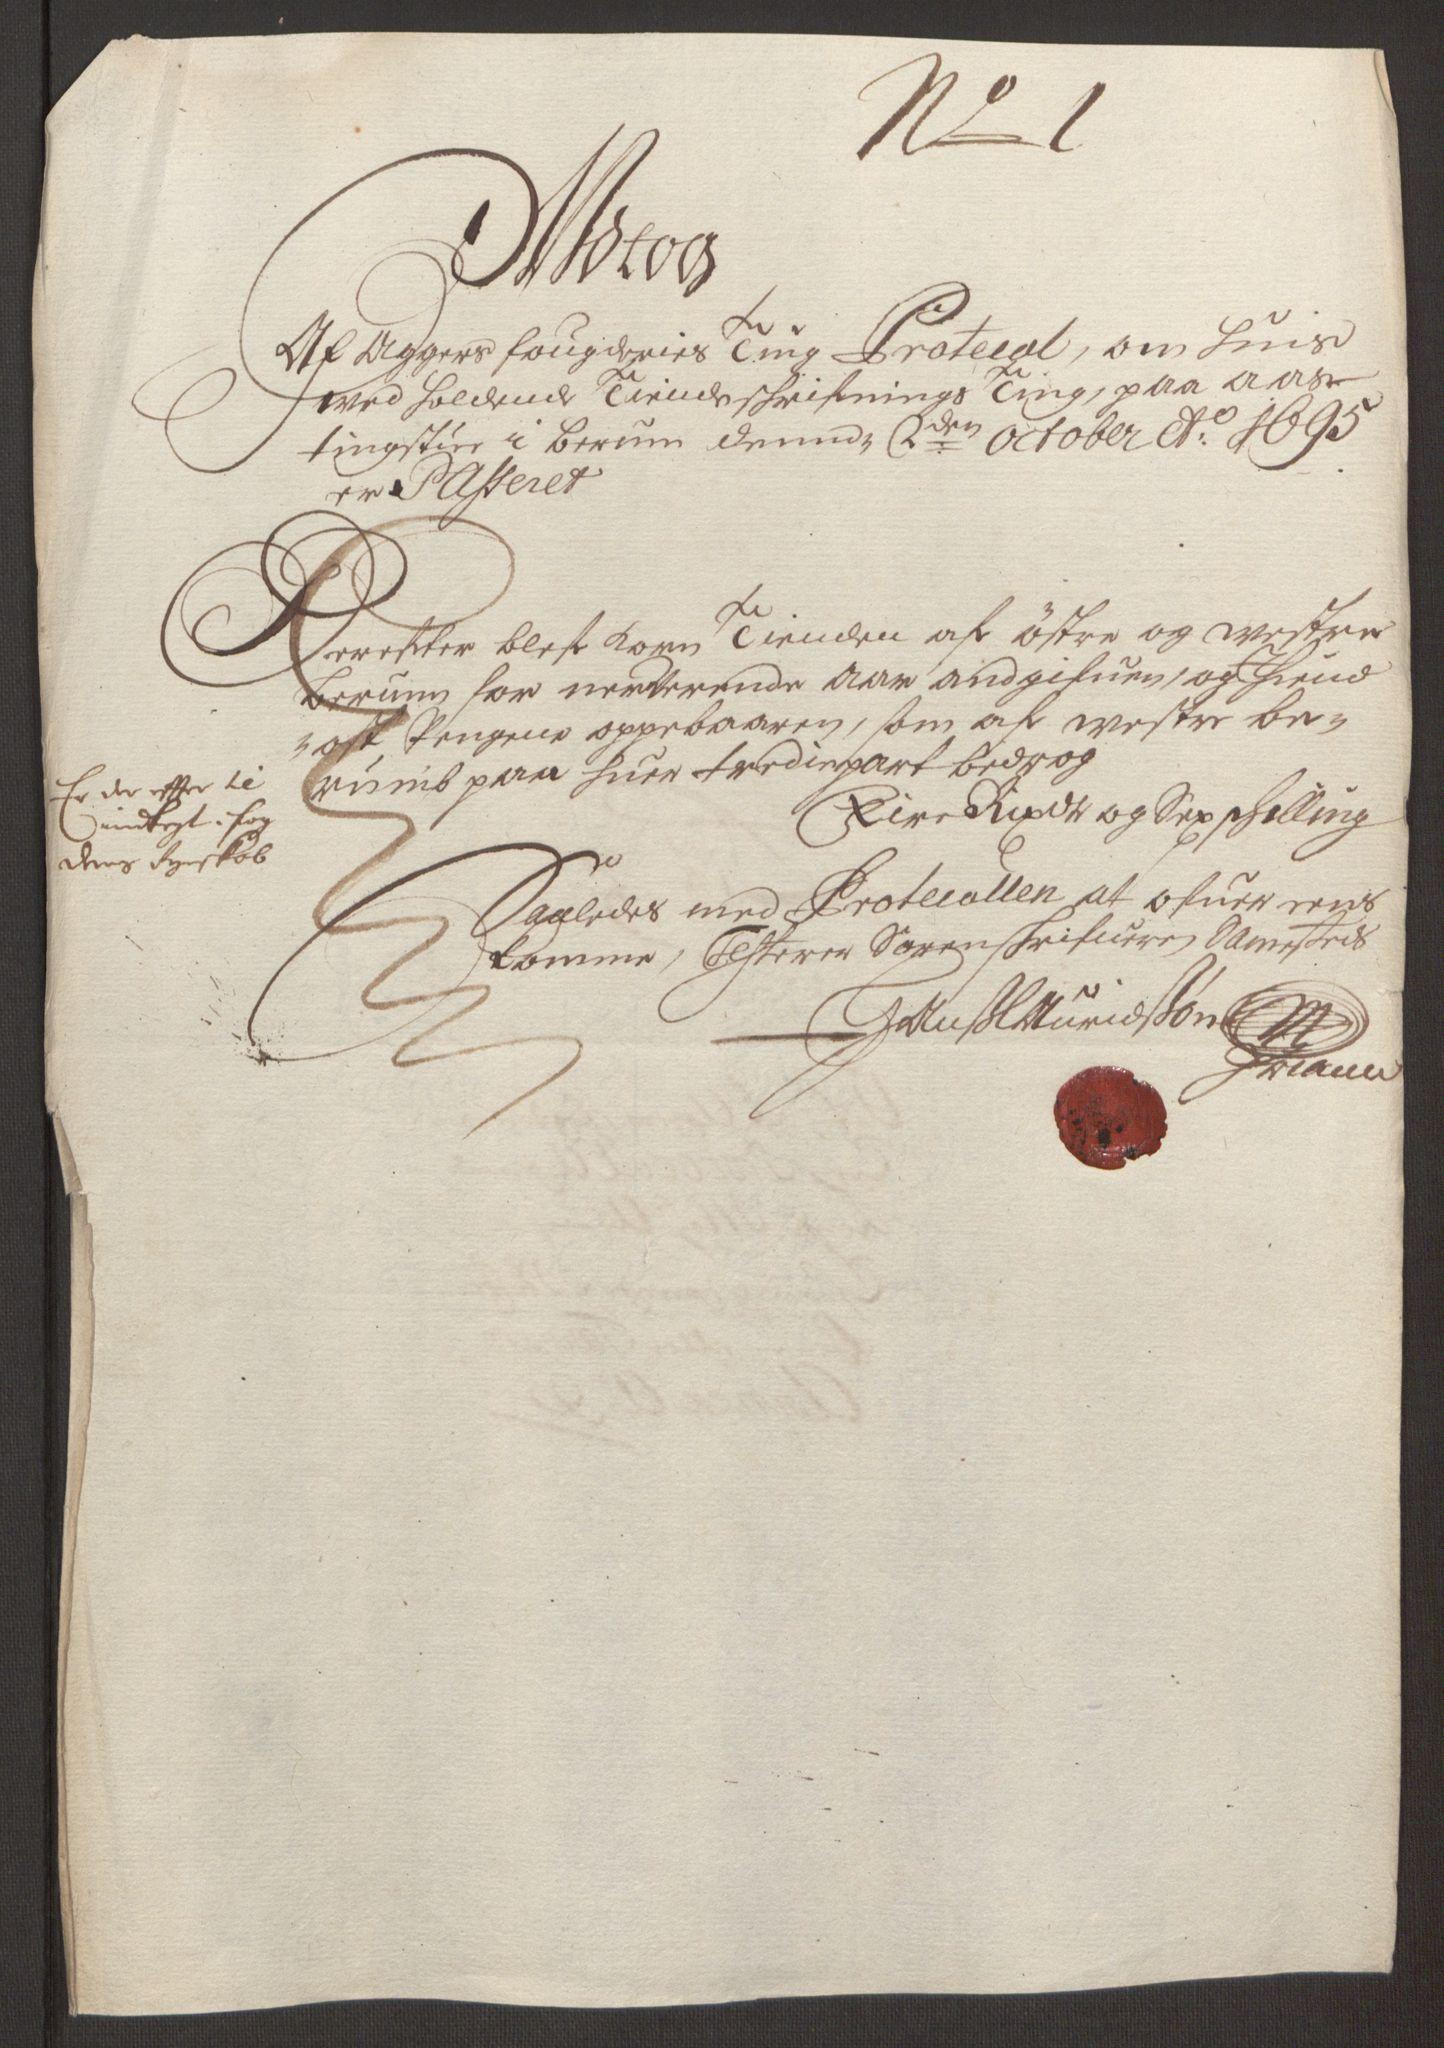 RA, Rentekammeret inntil 1814, Reviderte regnskaper, Fogderegnskap, R10/L0439: Fogderegnskap Aker og Follo, 1695, s. 88